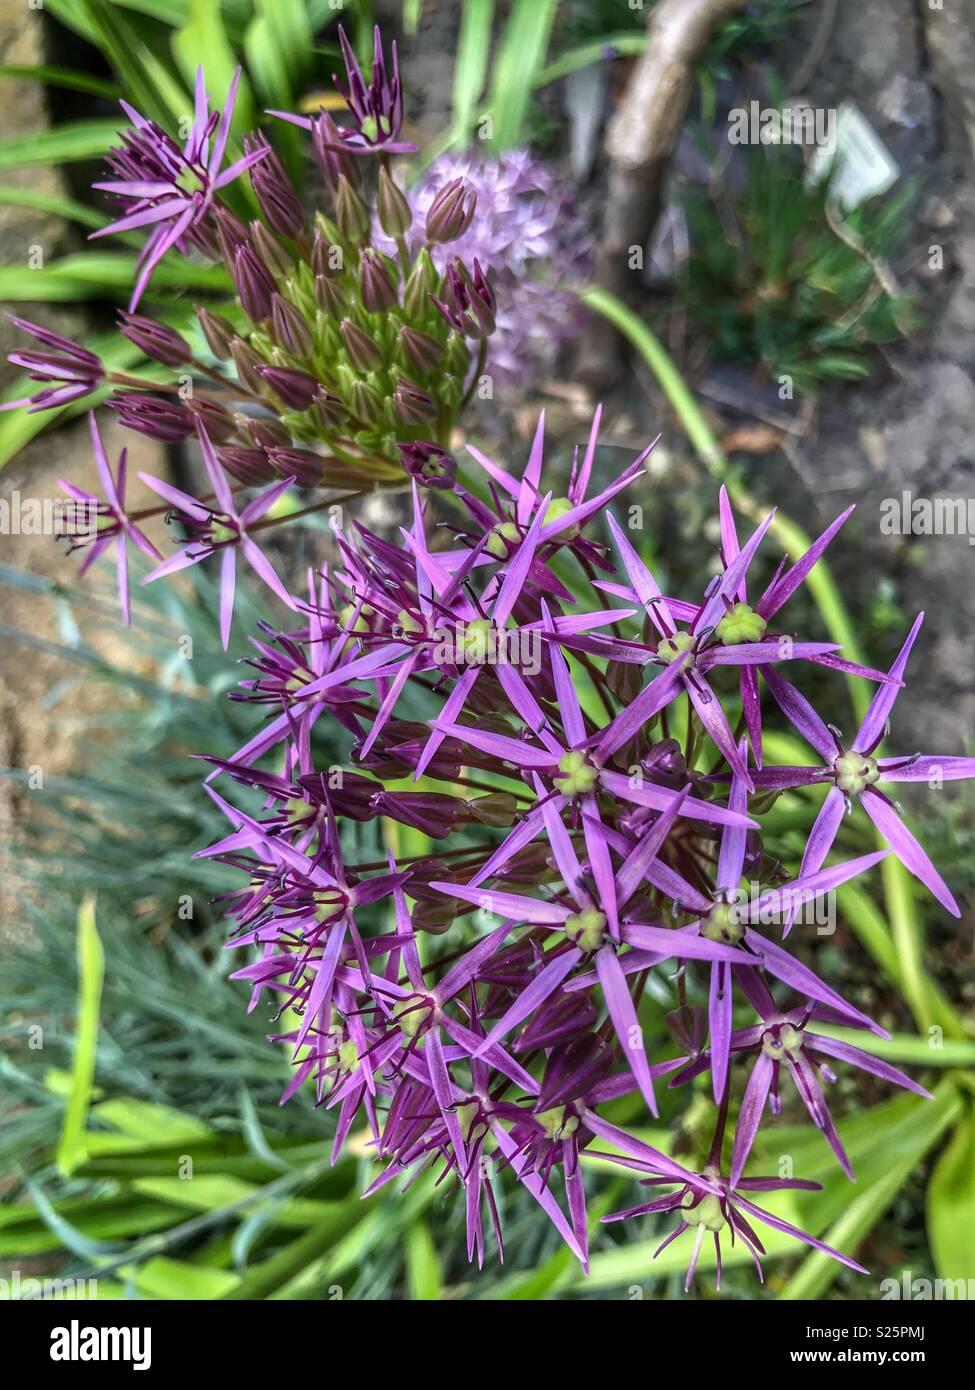 Lovely purple Allium 'Firmament' flower - Stock Image